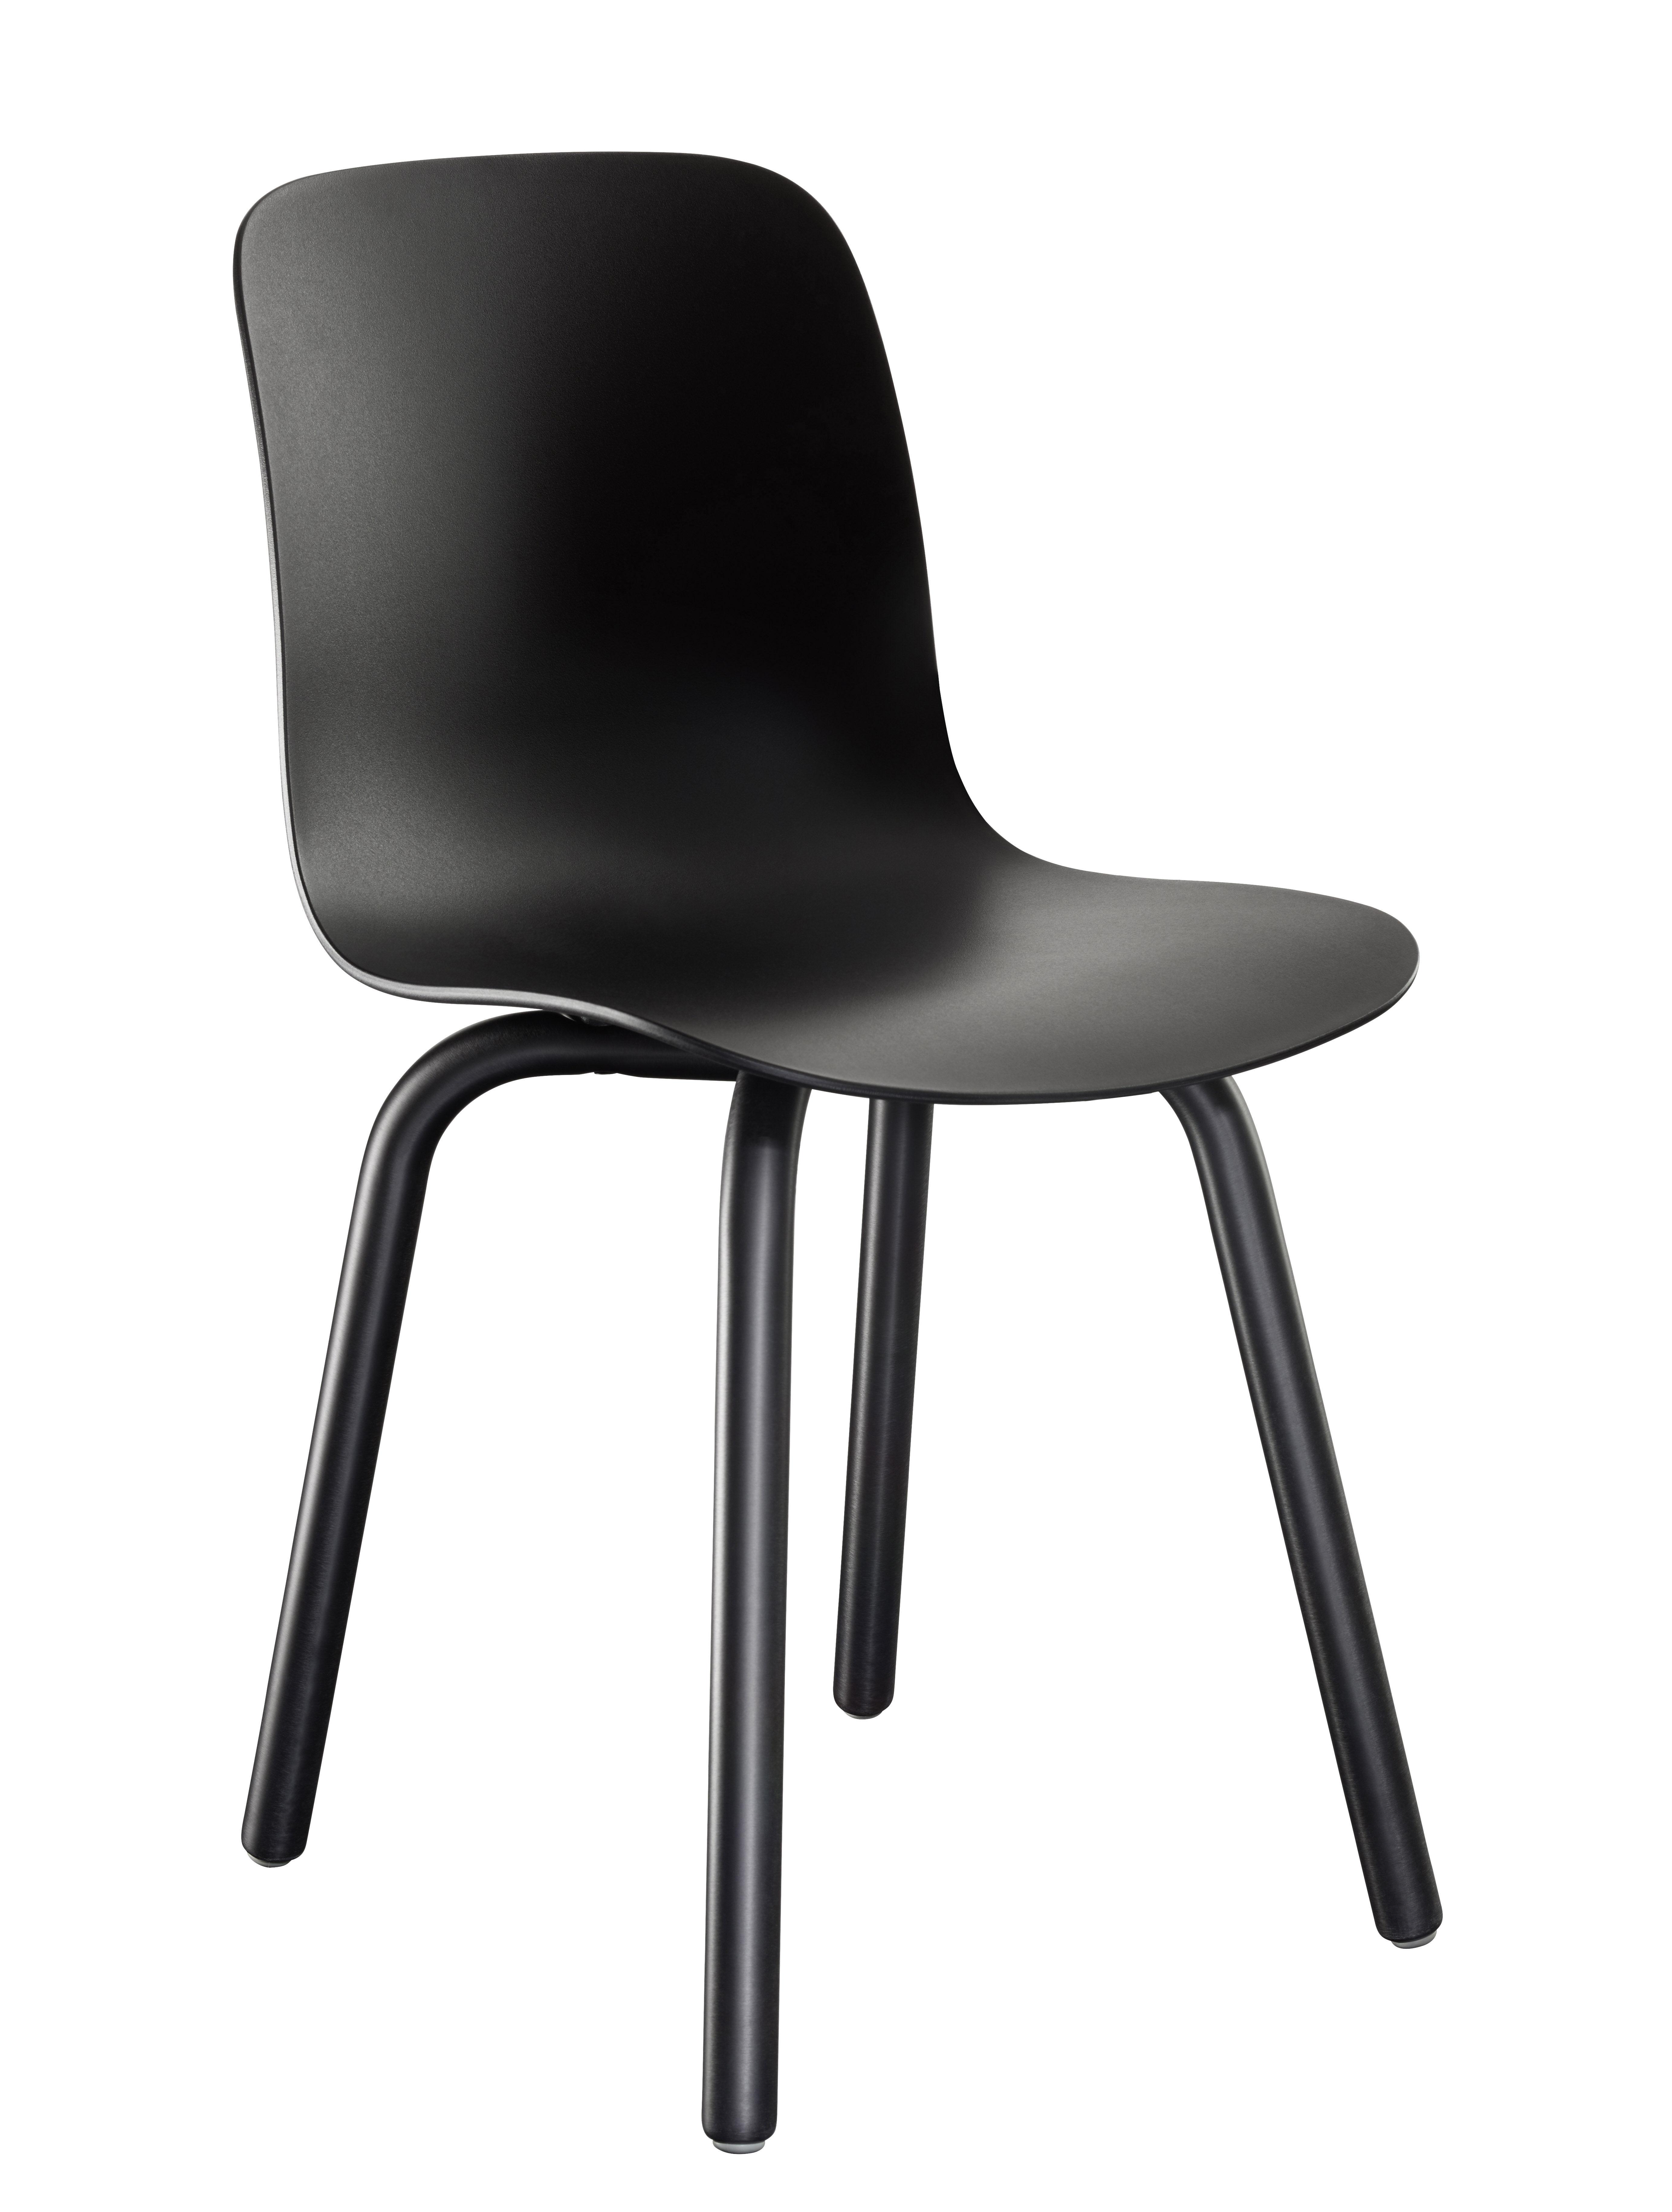 Mobilier - Chaises, fauteuils de salle à manger - Chaise empilable Substance Indoor / Plastique & pieds métal - Magis - Noir - Acier verni, Polypropylène